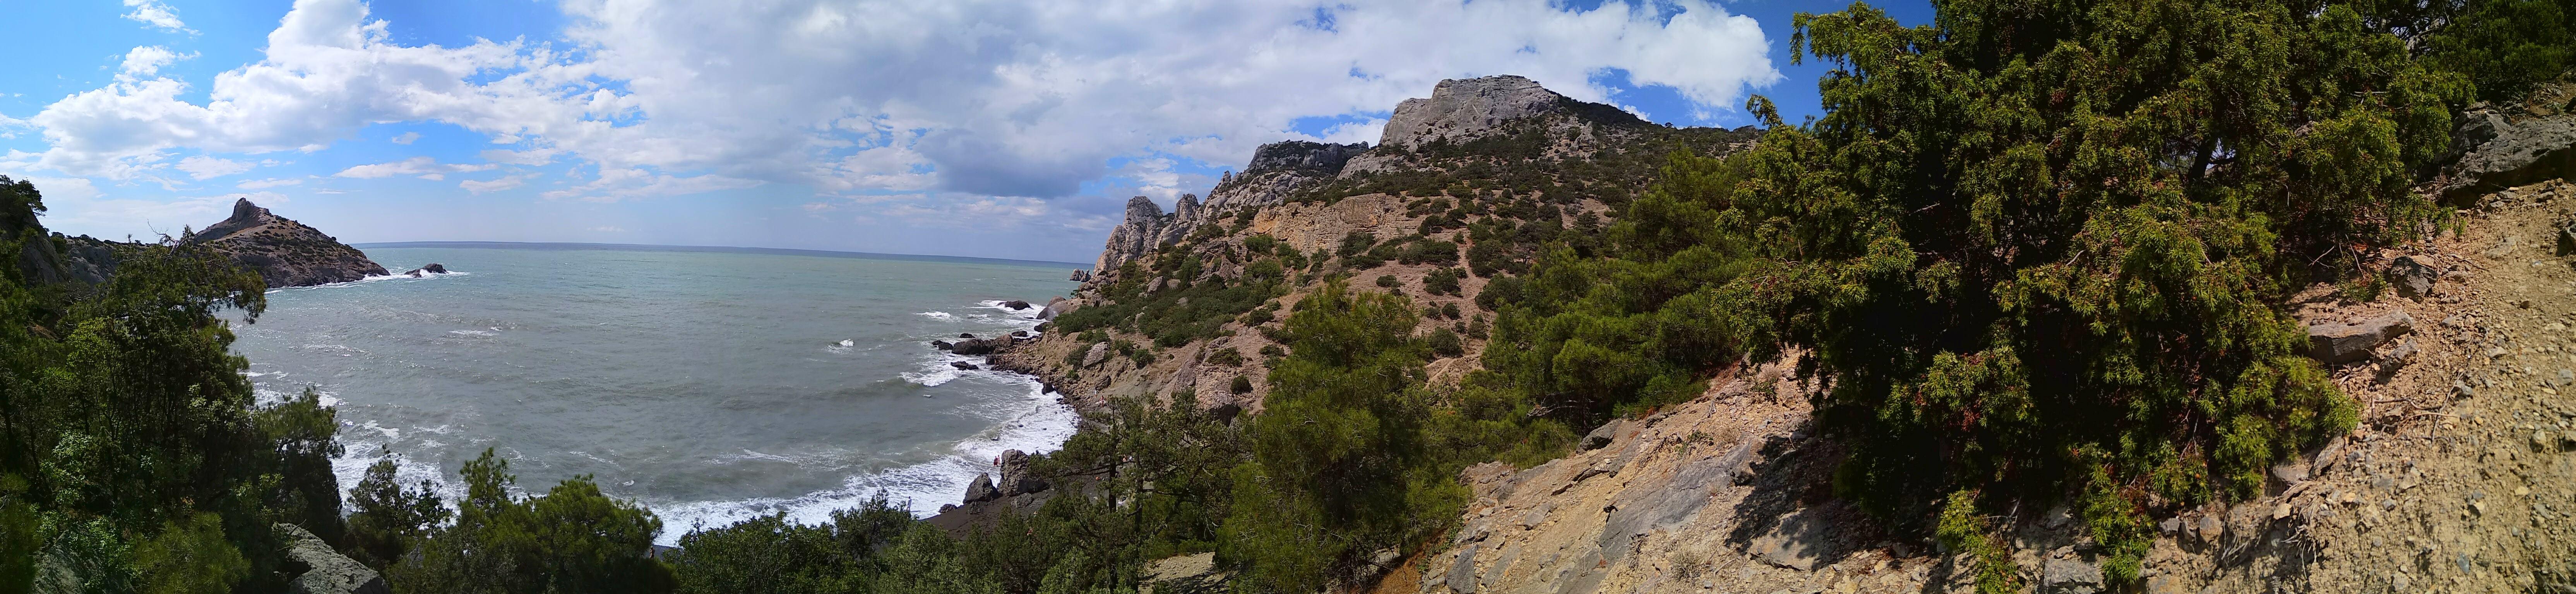 Царская бухта (вид с горы)